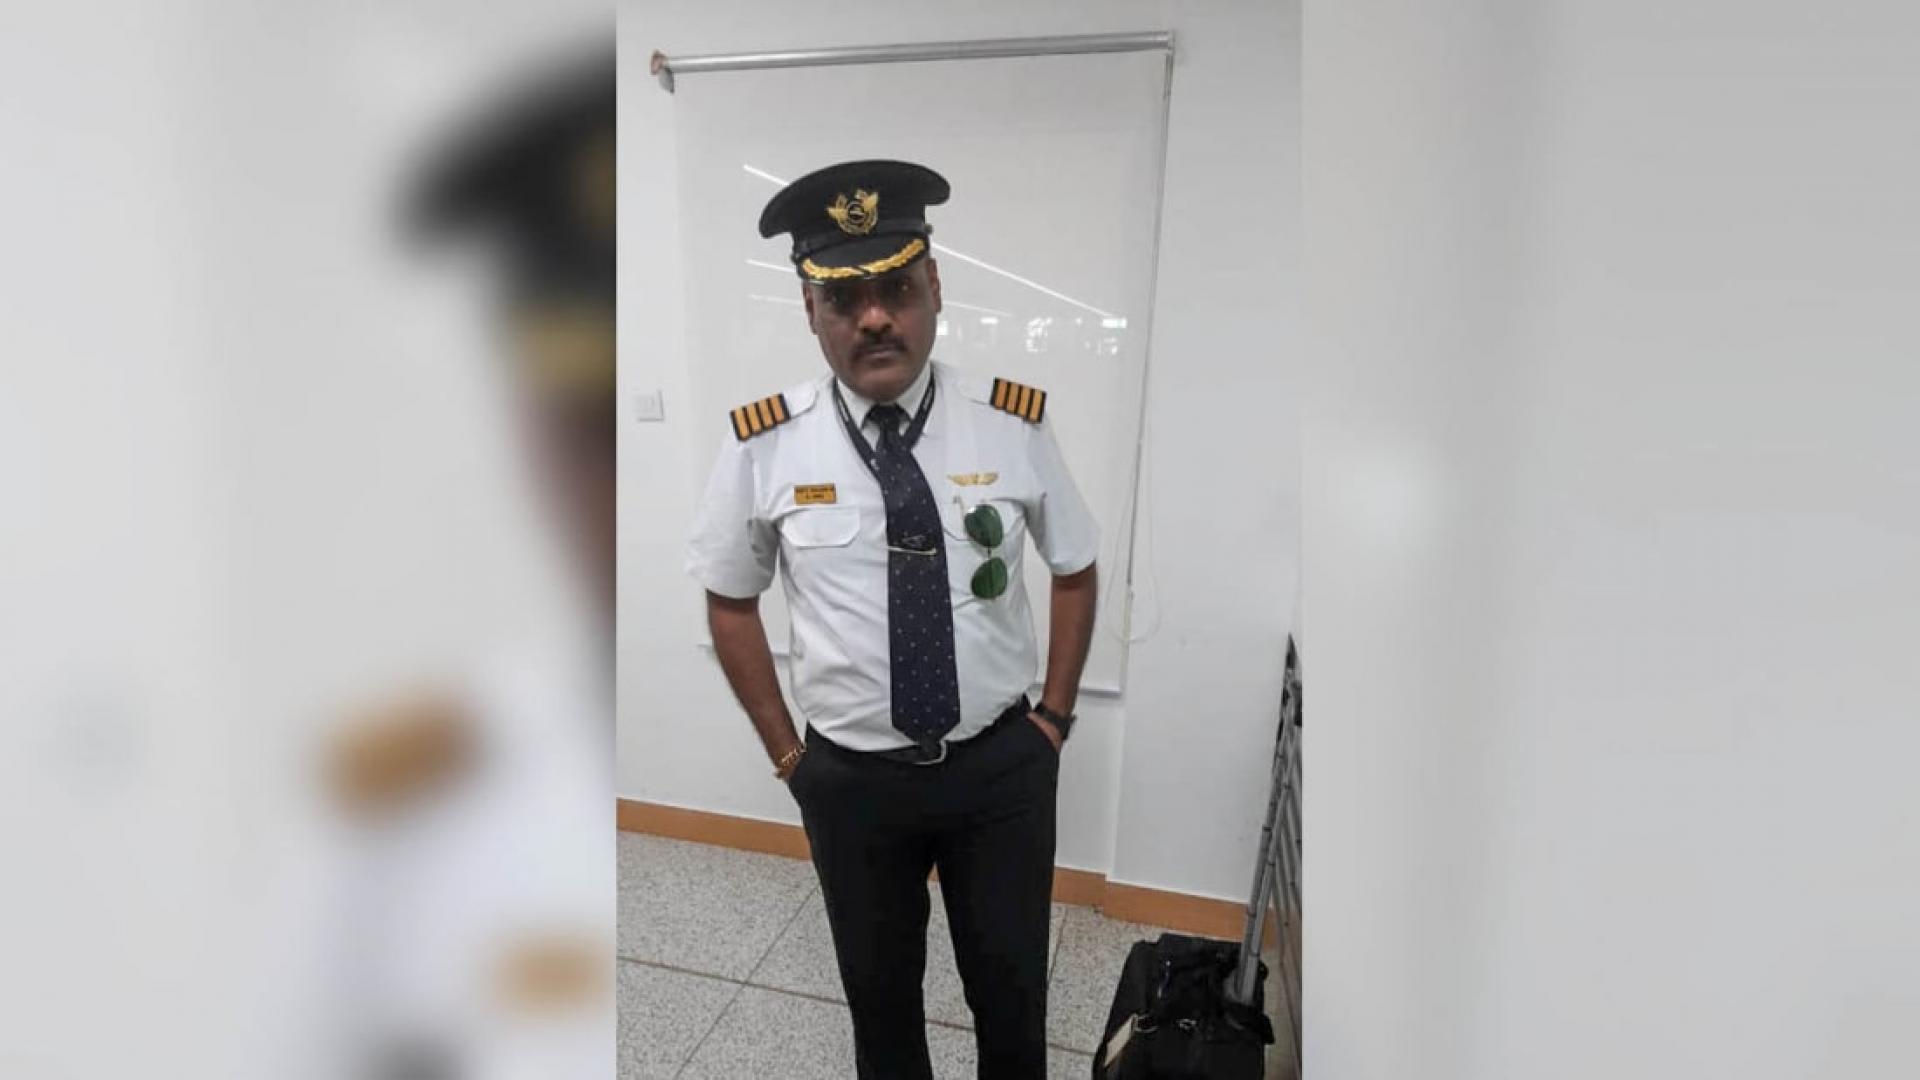 مسافر يتنكر بزي قائد الطائرة